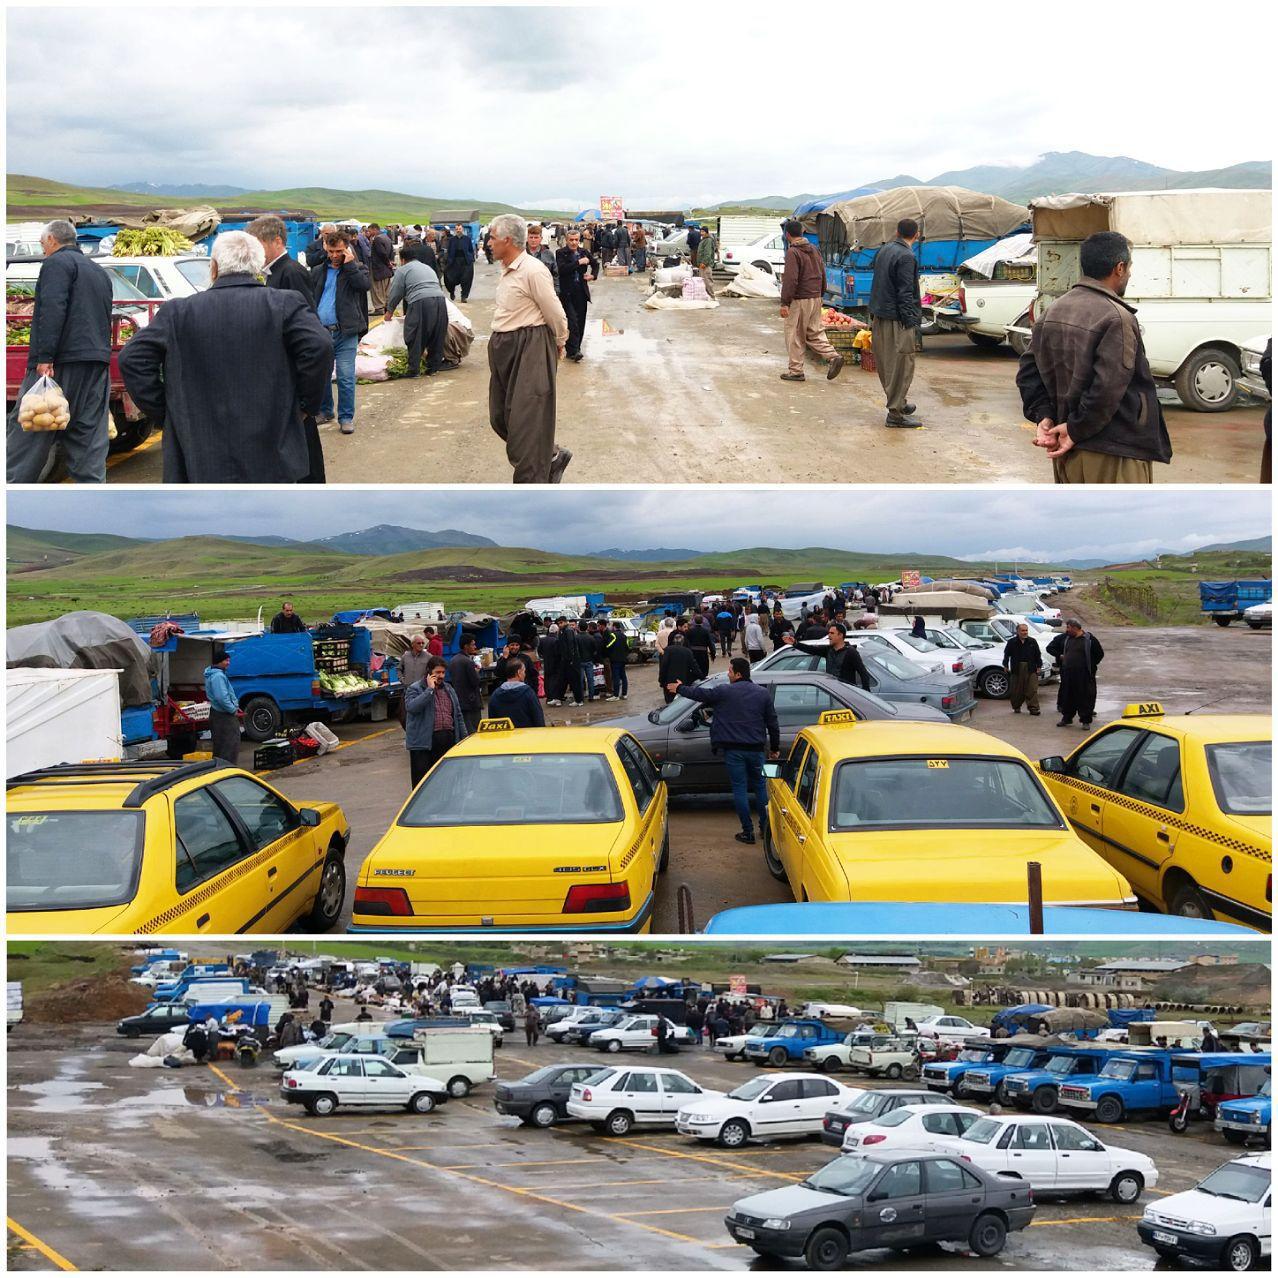 شروع بکار جمعه بازار در محل جدید زیر سایه باران و تردید/ ضرورت تسریع در ساماندهی محل+ تصاویر